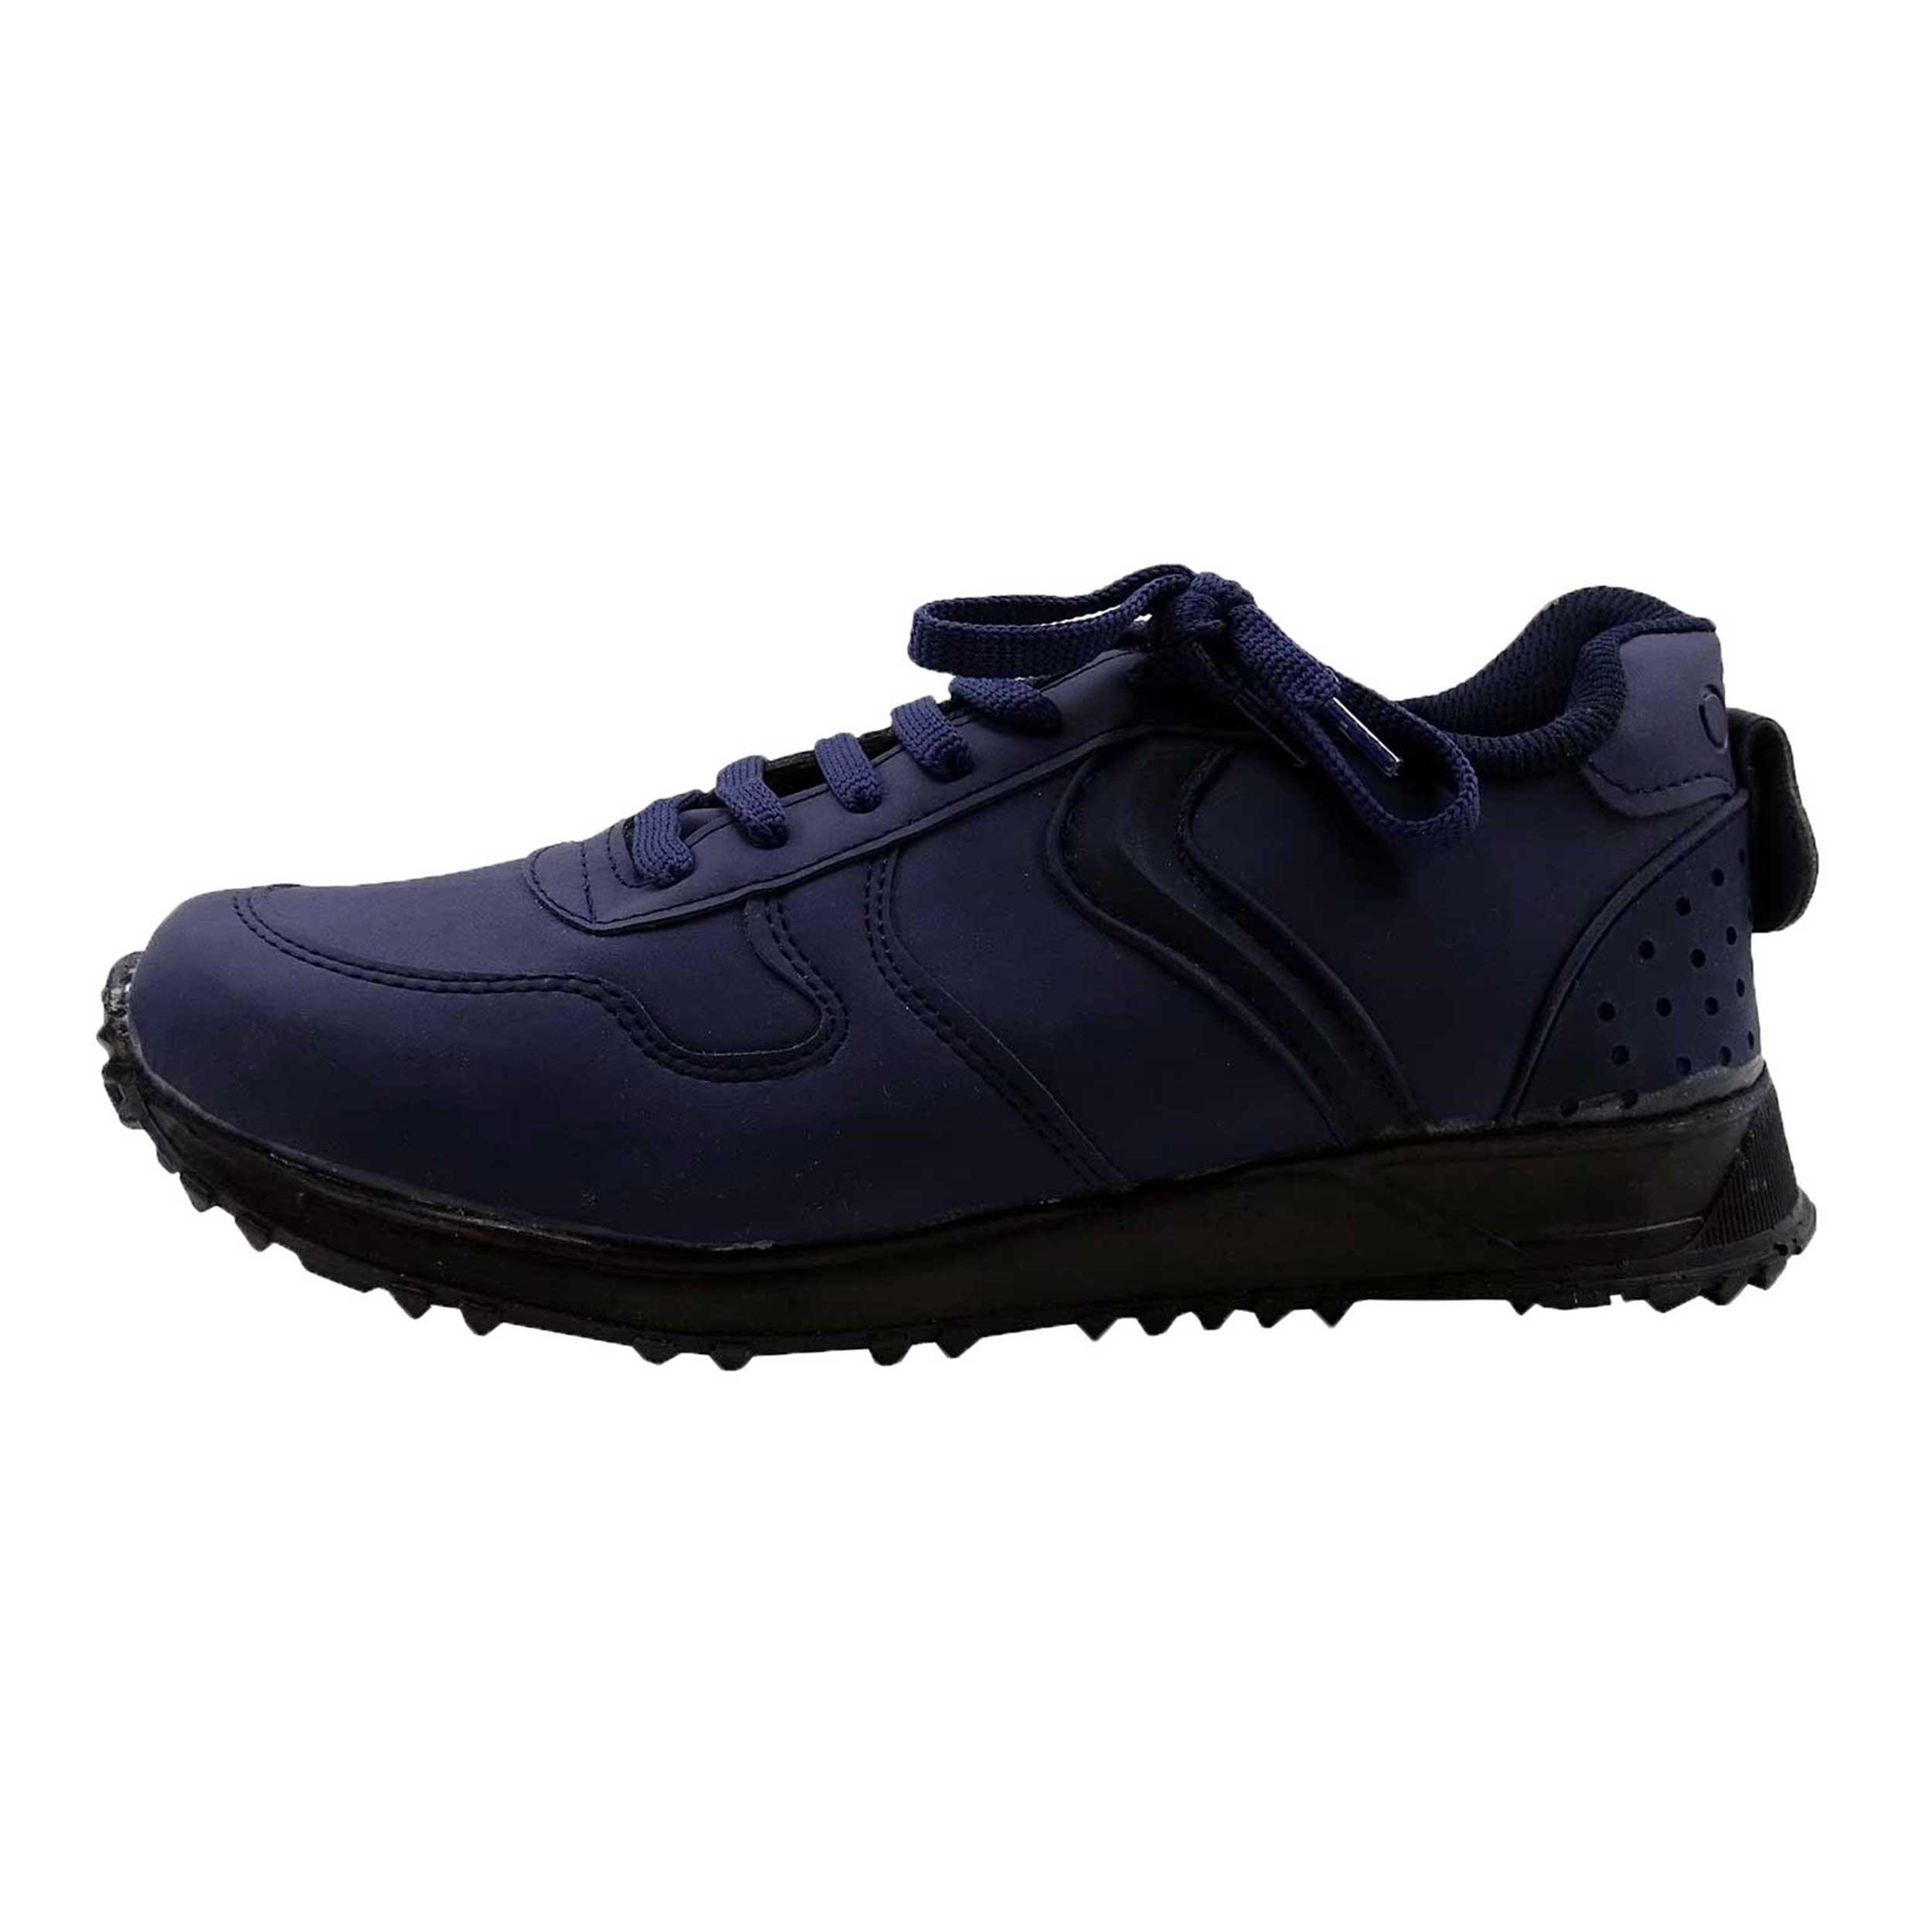 قیمت کفش مخصوص پیاده روی مردانه مدل M01012